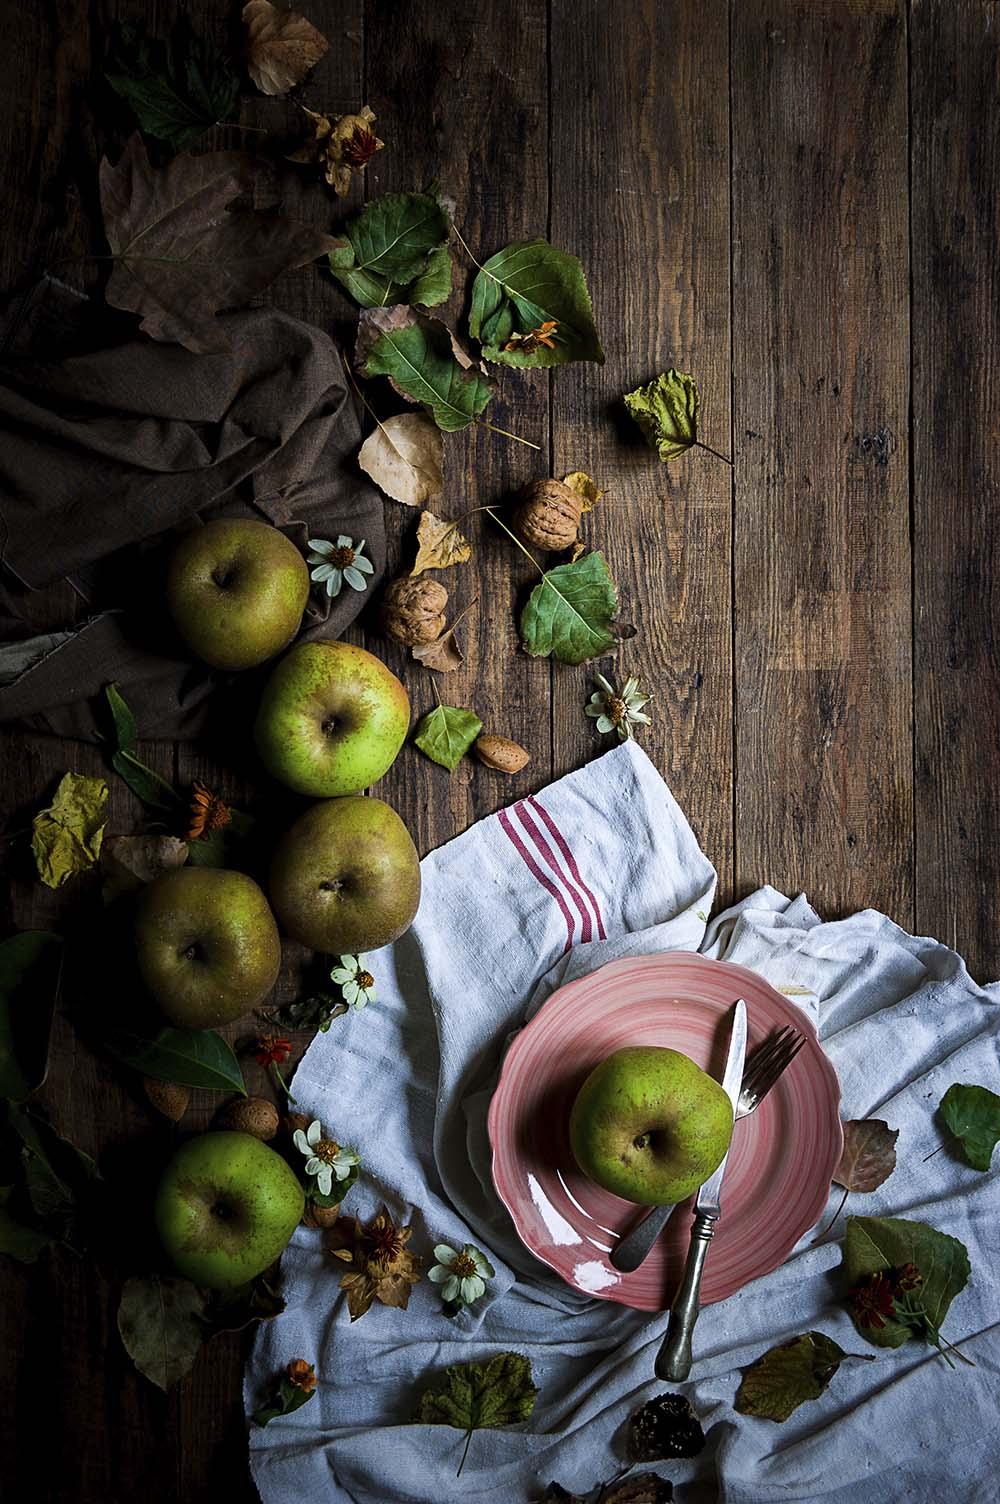 fotografia de manzana reineta